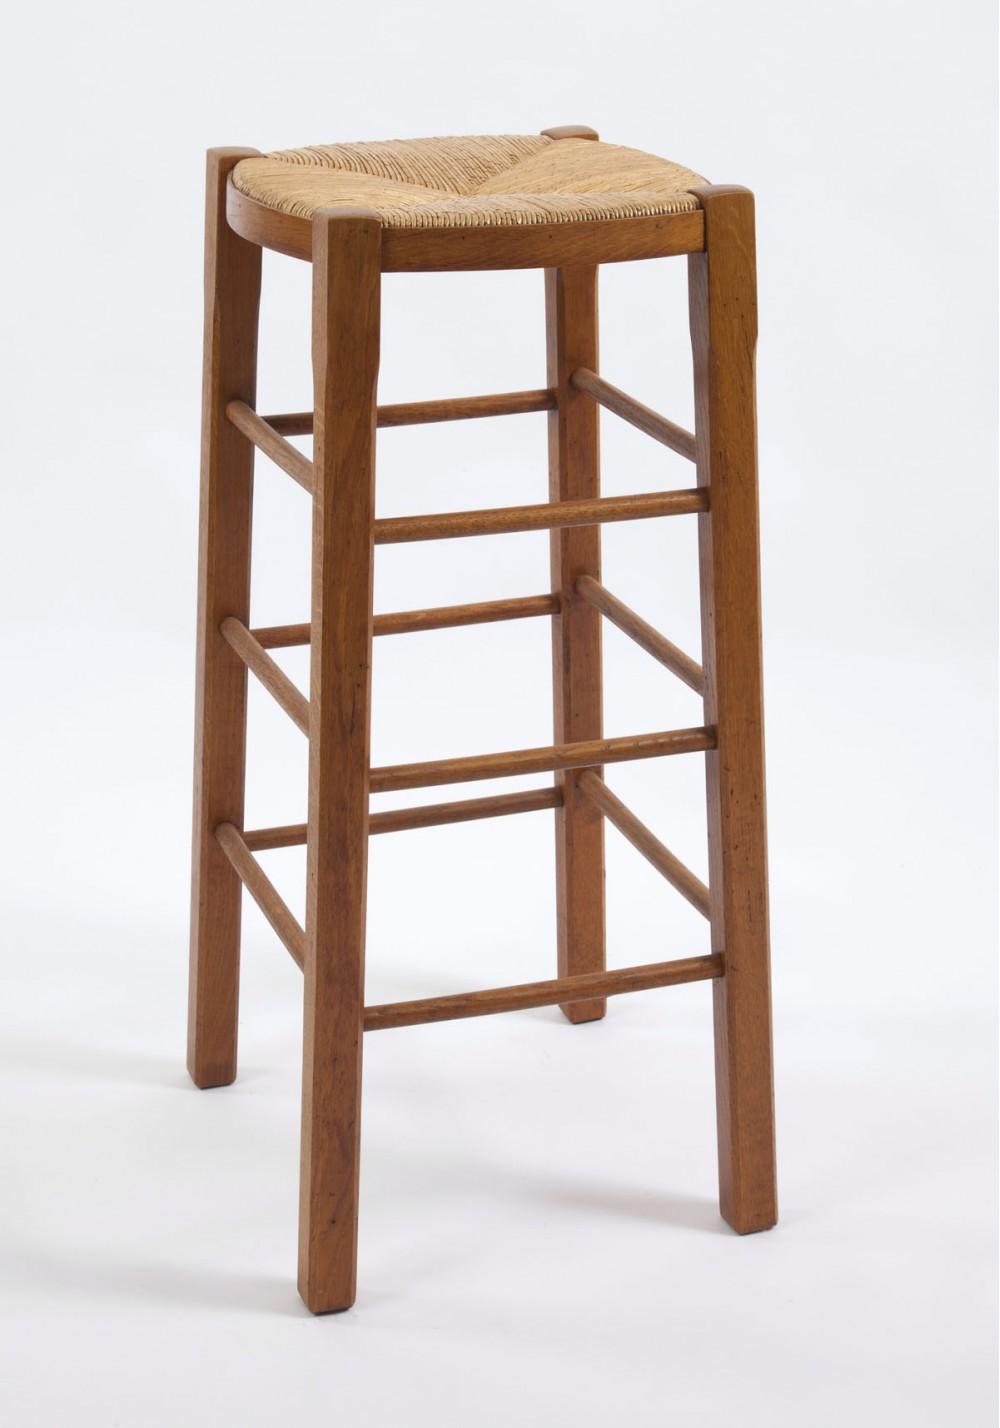 Tabouret de bar sans dossier la chaise artisanale - Tabouret de bar sans dossier ...